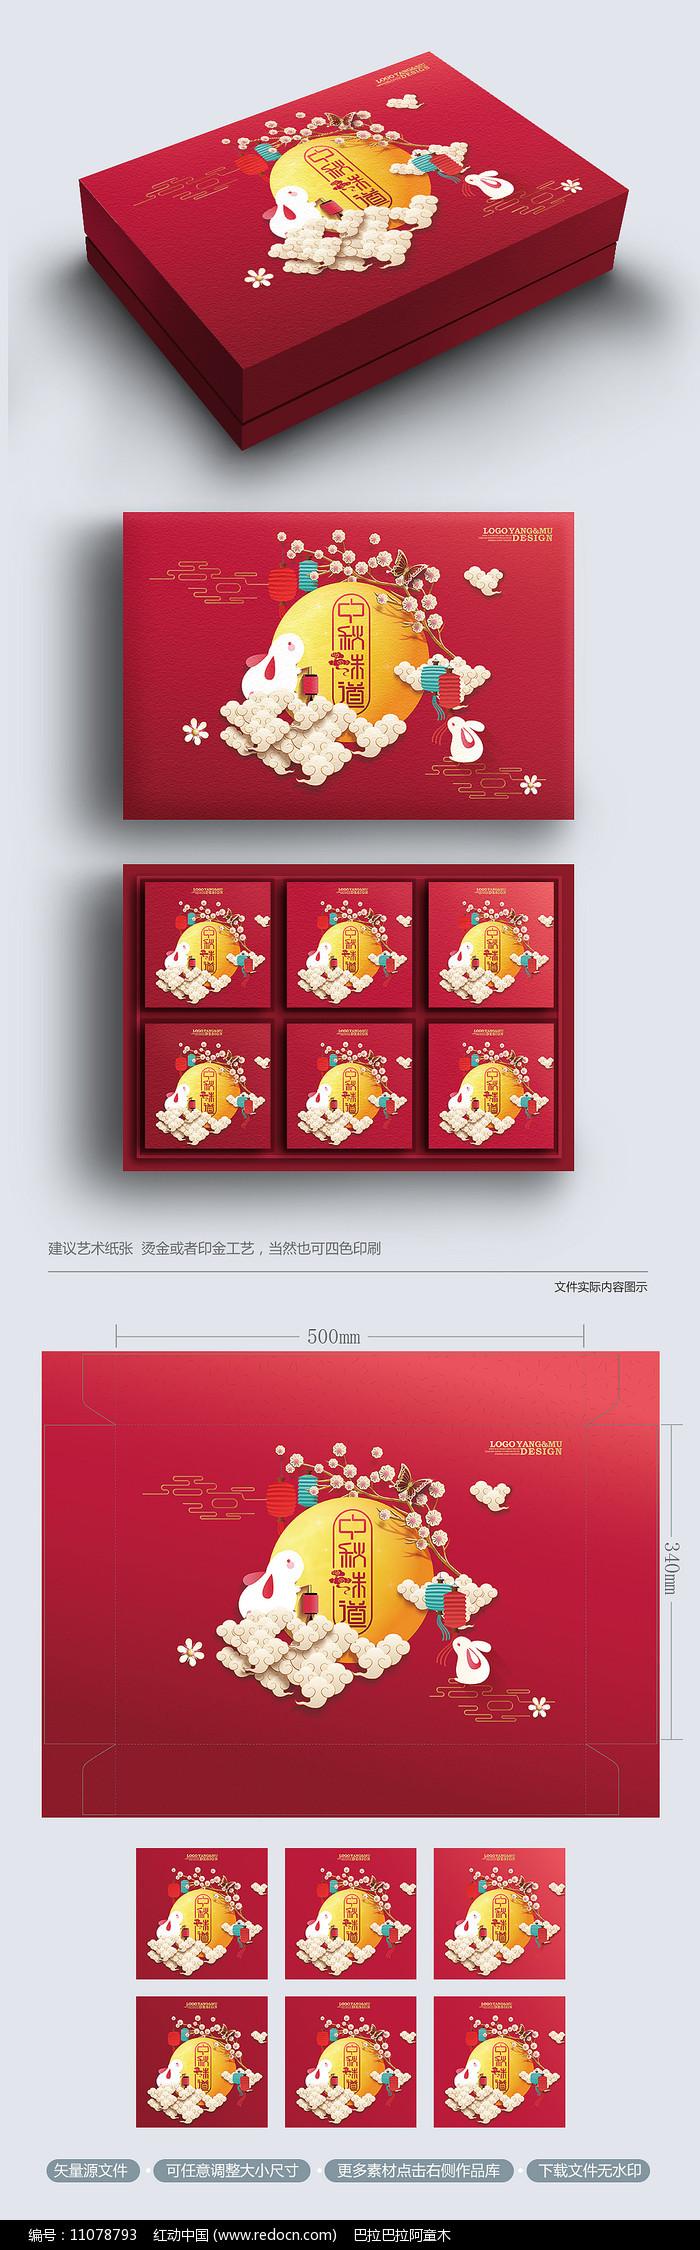 唯美高端时尚中秋月饼包装礼盒图片